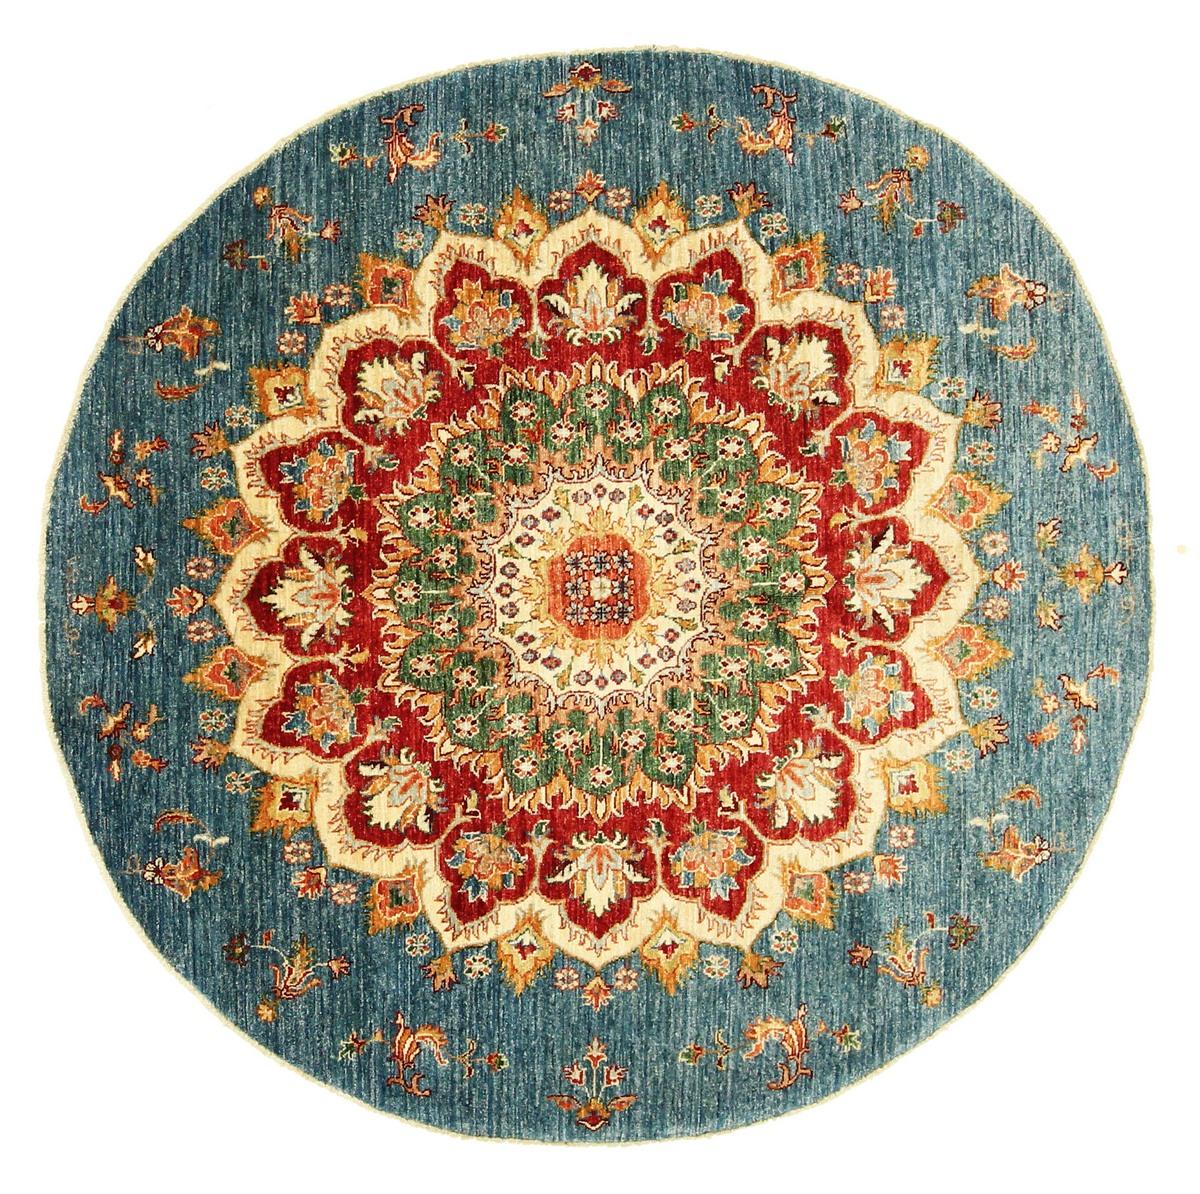 arijana klassik pakistanischer teppich 170x166 id18612 kaufen sie ihren orientteppich arijana. Black Bedroom Furniture Sets. Home Design Ideas